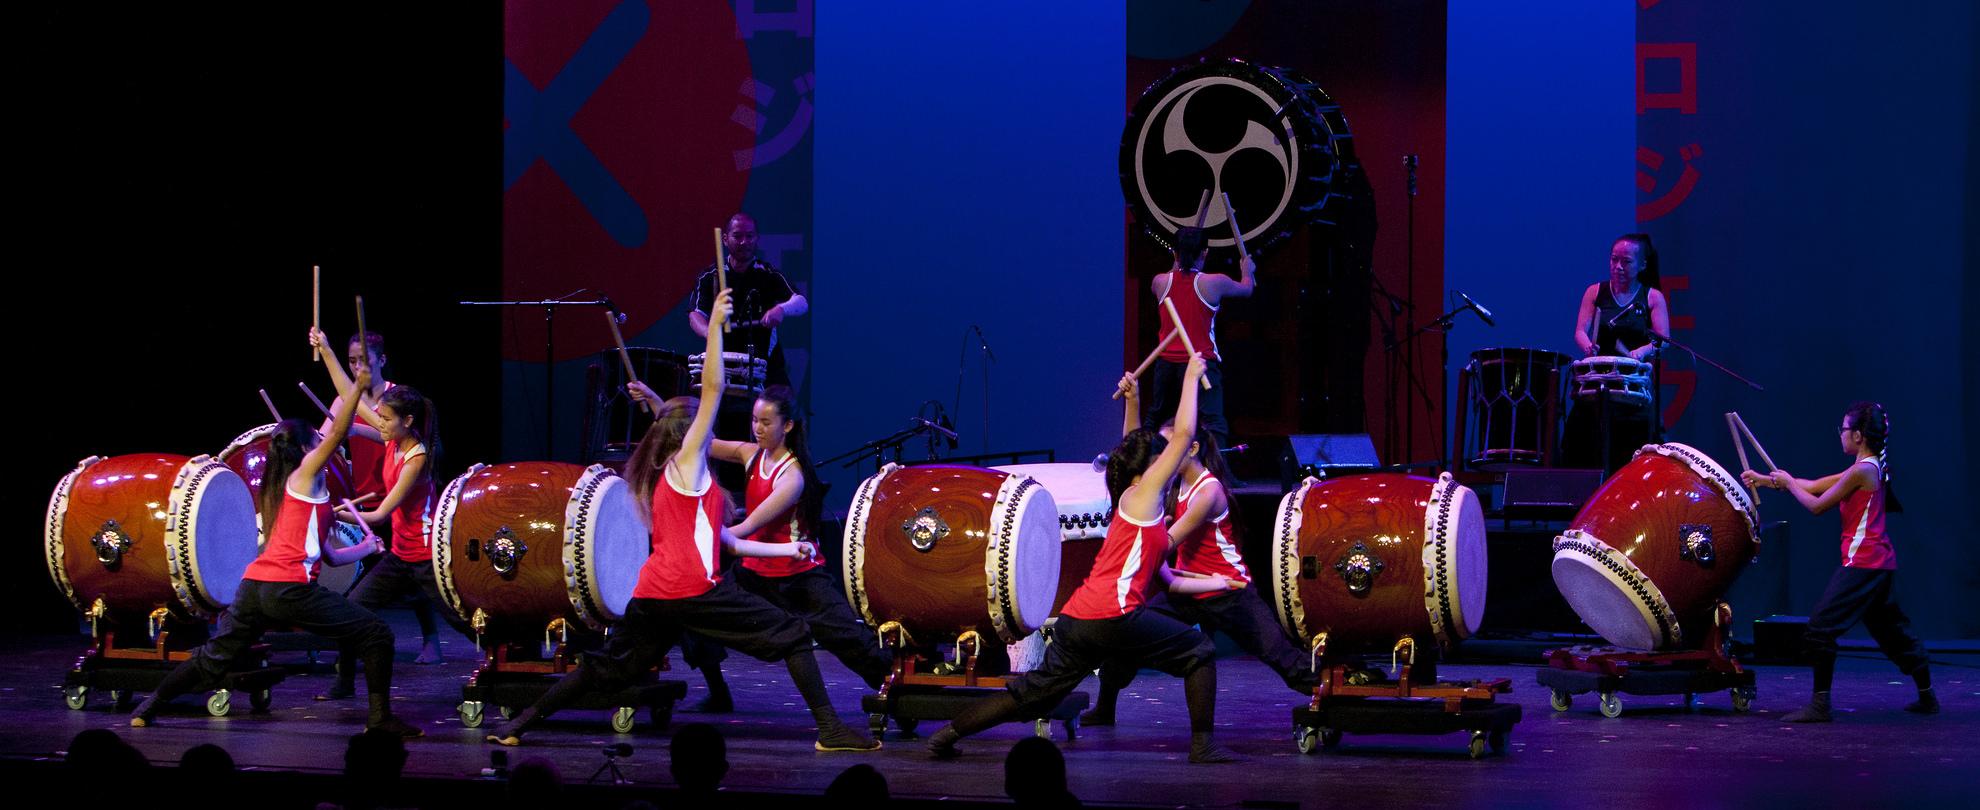 Rhythmic Relations 2015, photo by Kim Nakashima